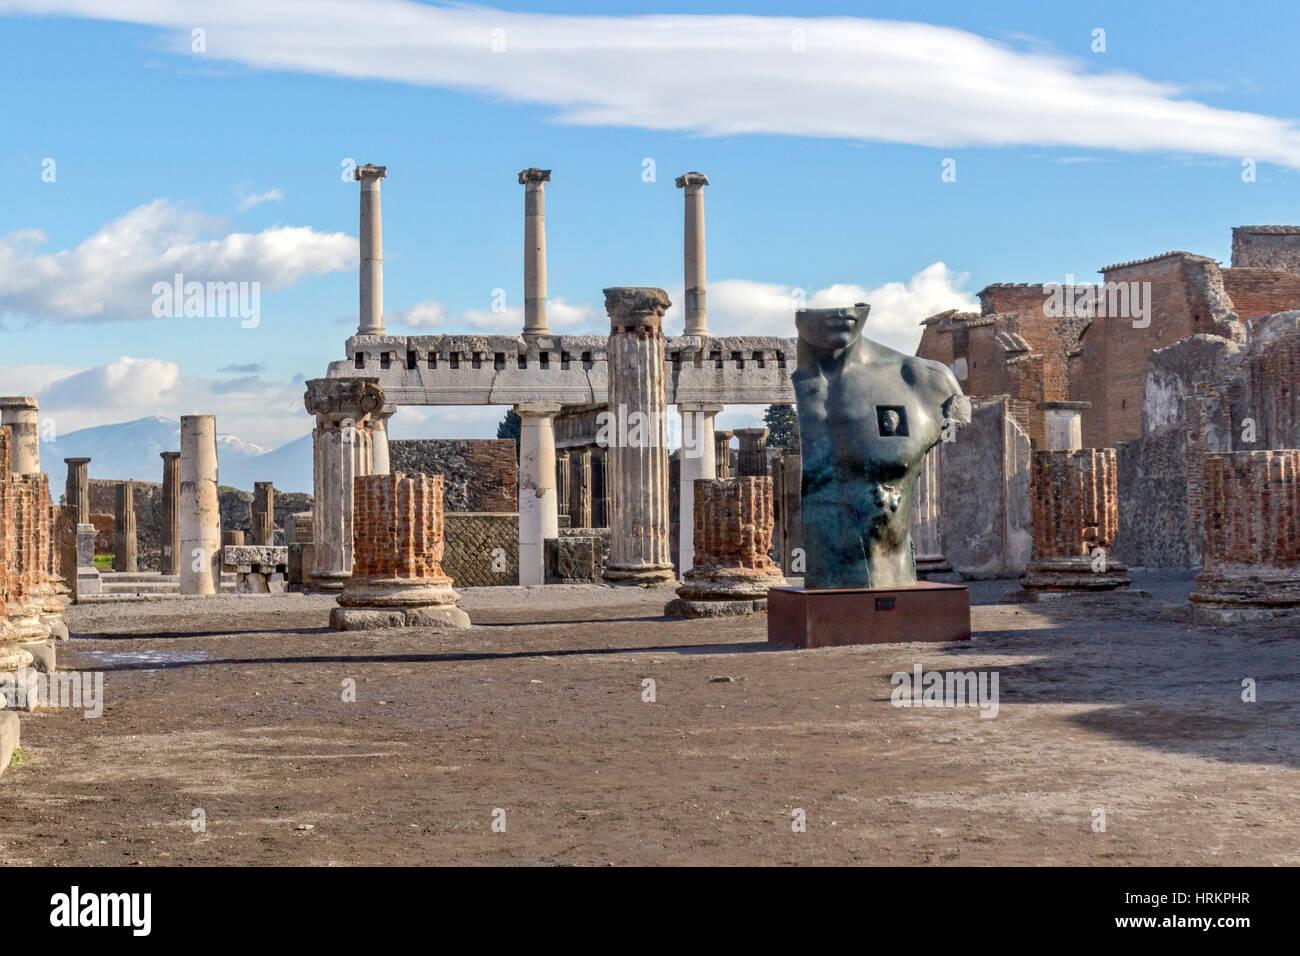 Una vista di antiche rovine nella città di Pompei, Italia. Immagini Stock